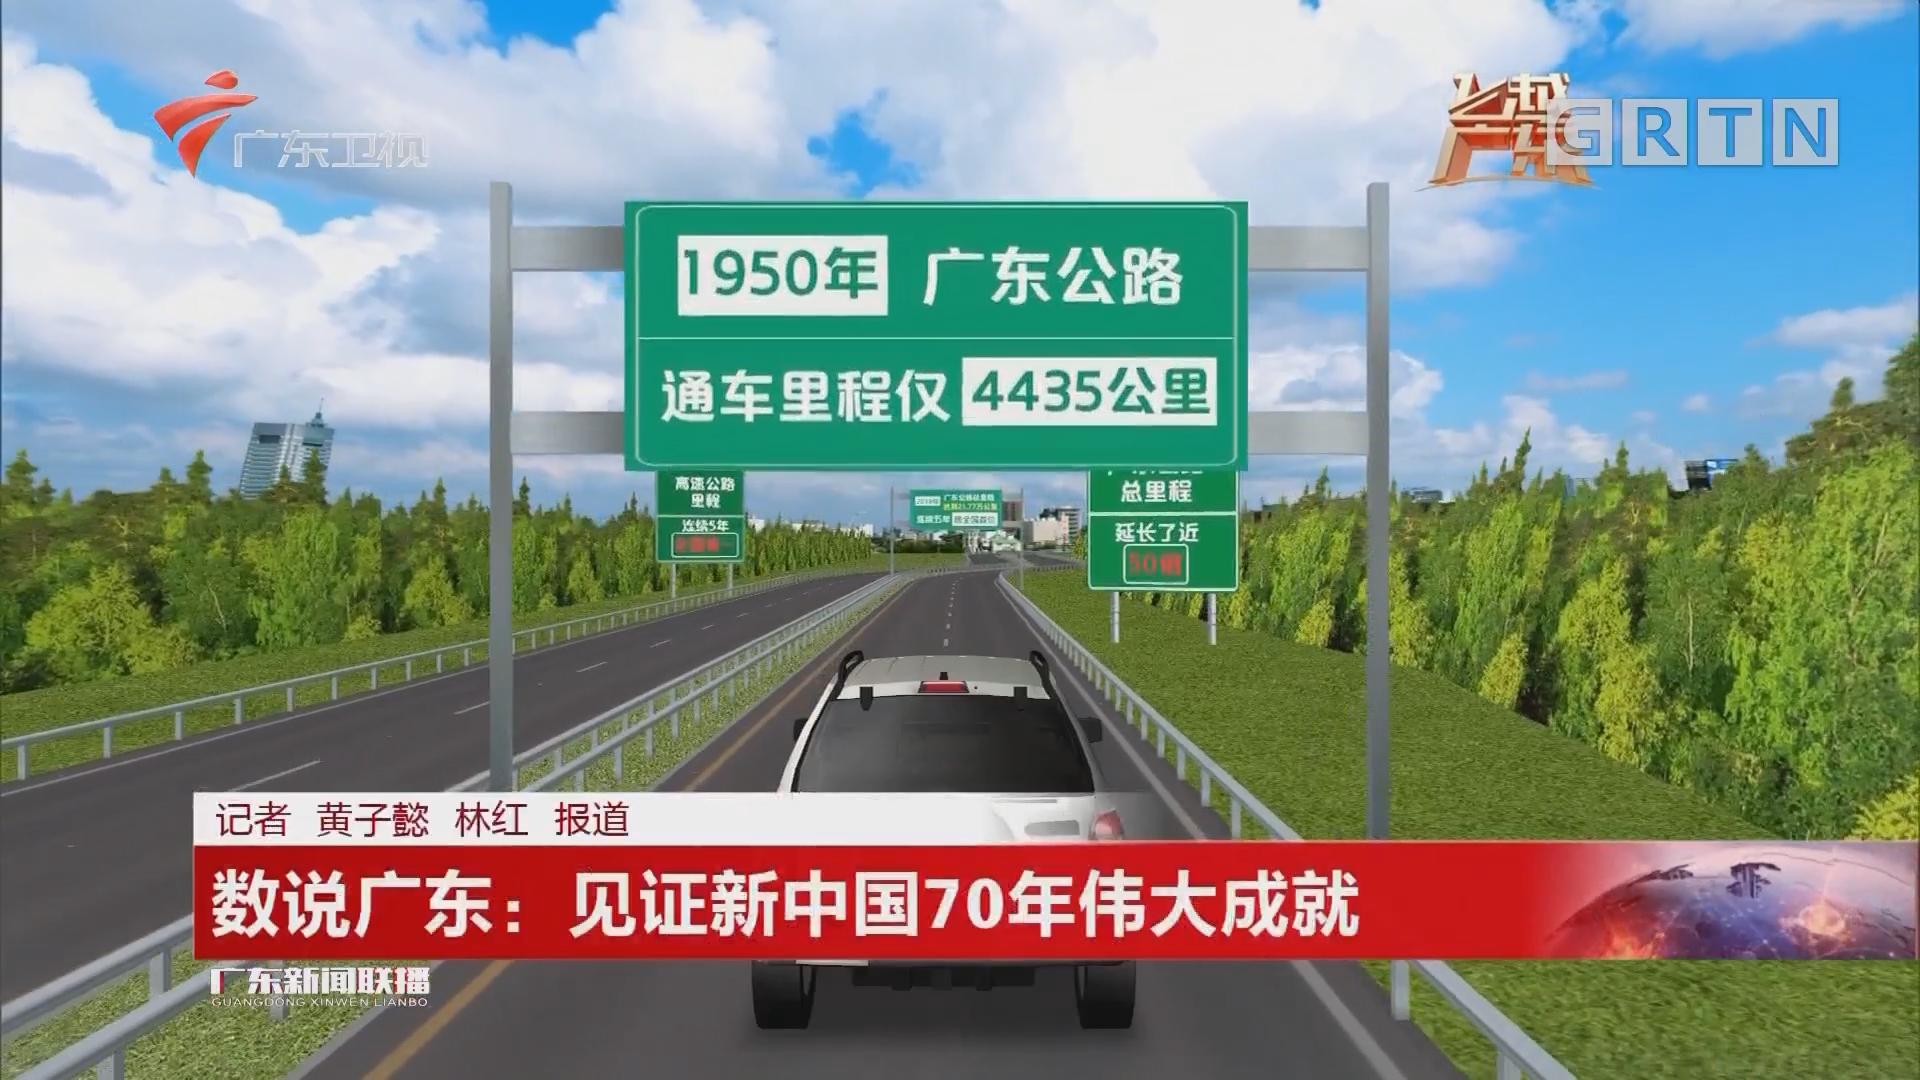 數說廣東:見證新中國70年偉大成就